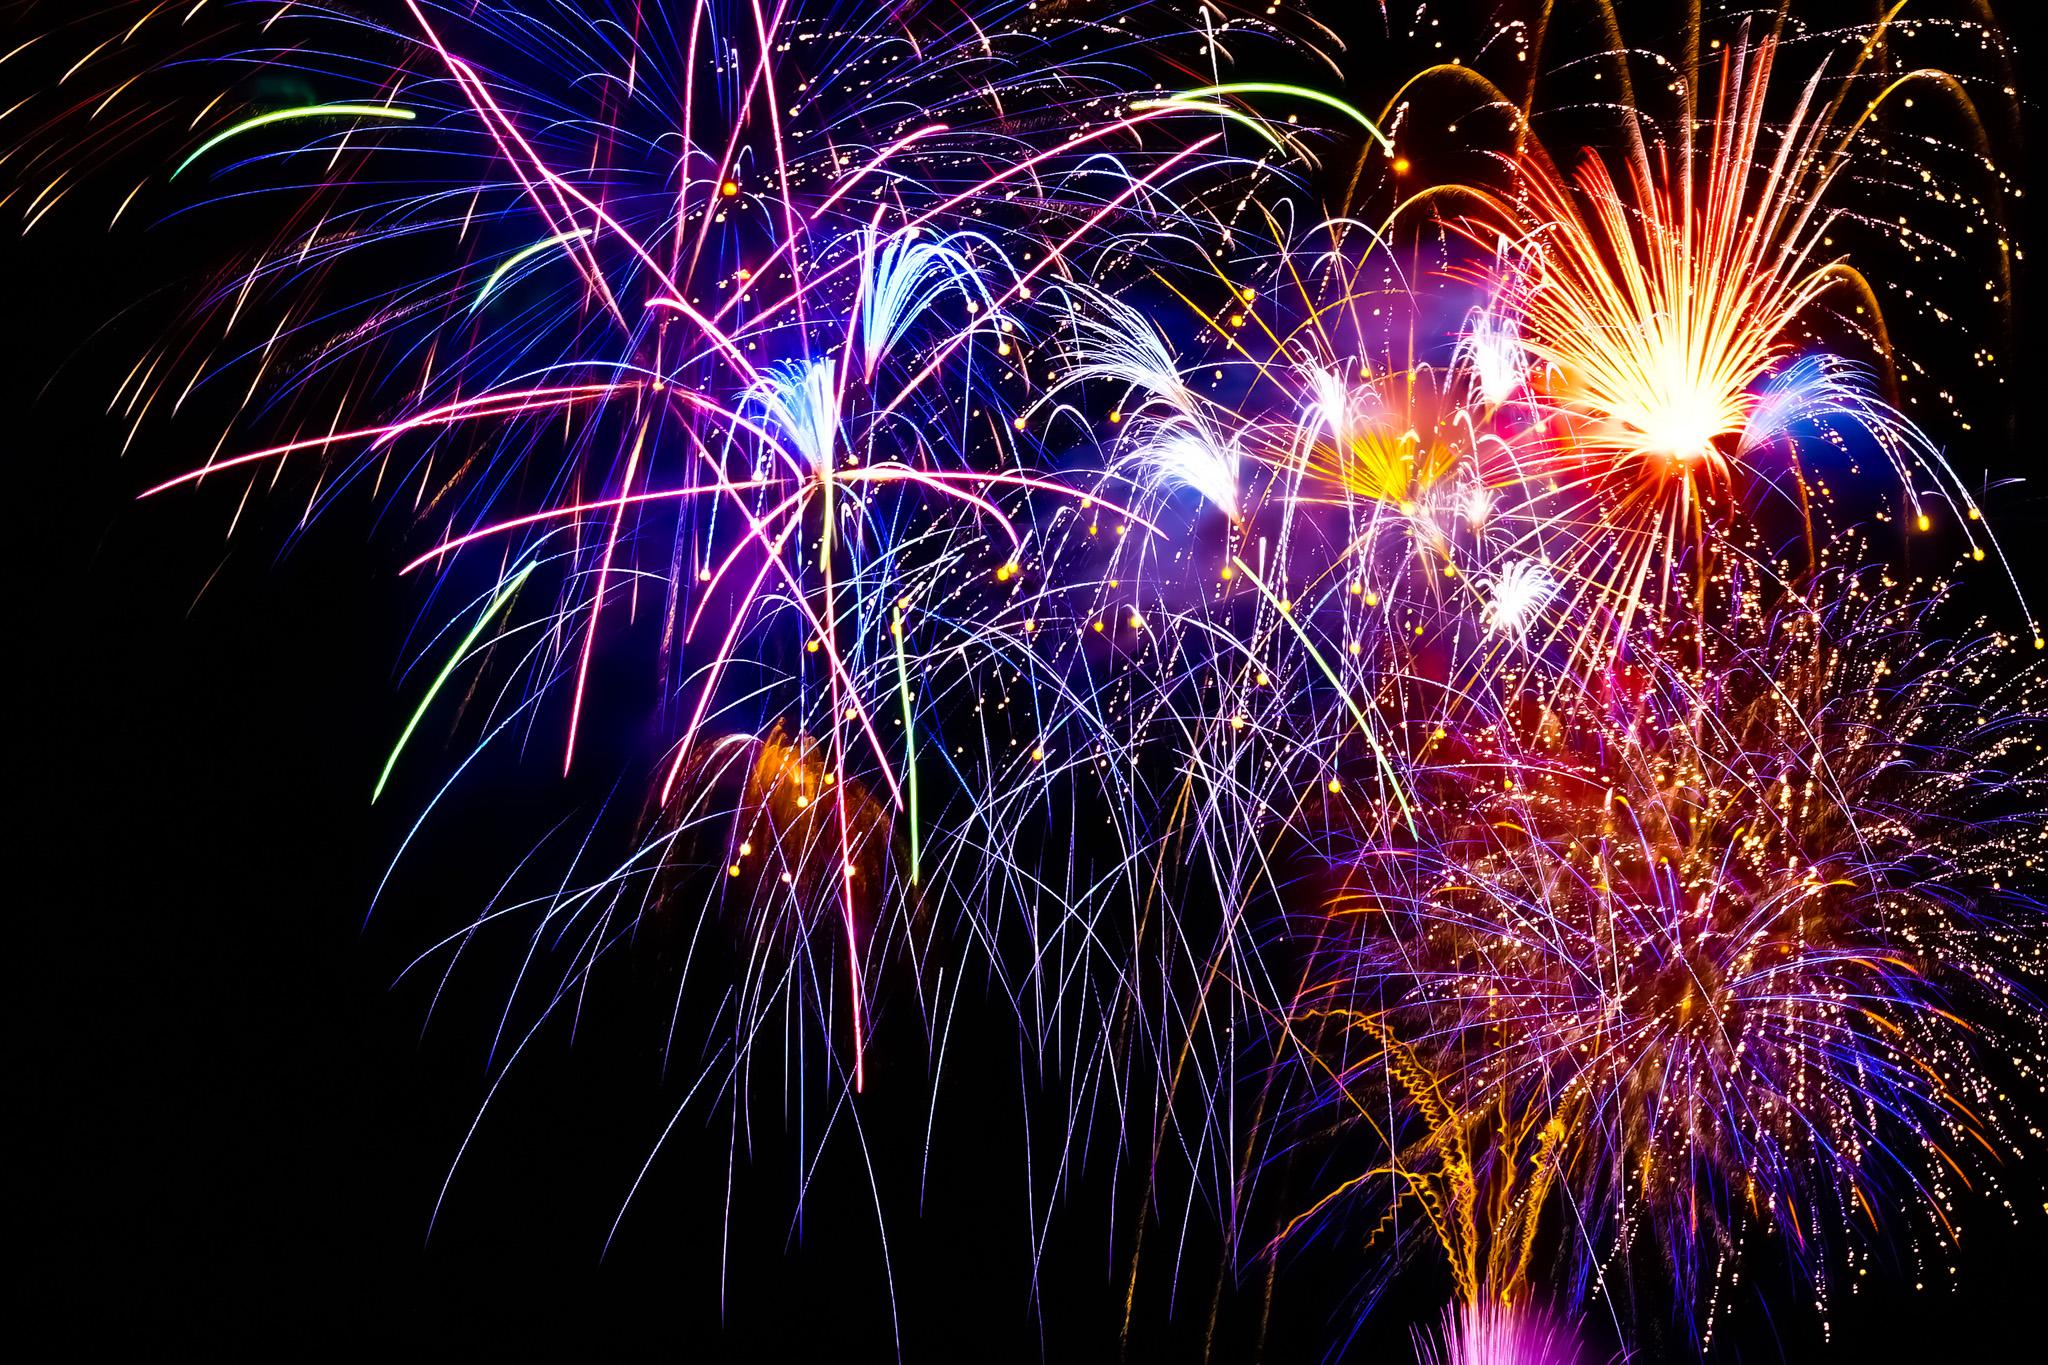 「華麗で煌びやかな花火」の素材を無料ダウンロード